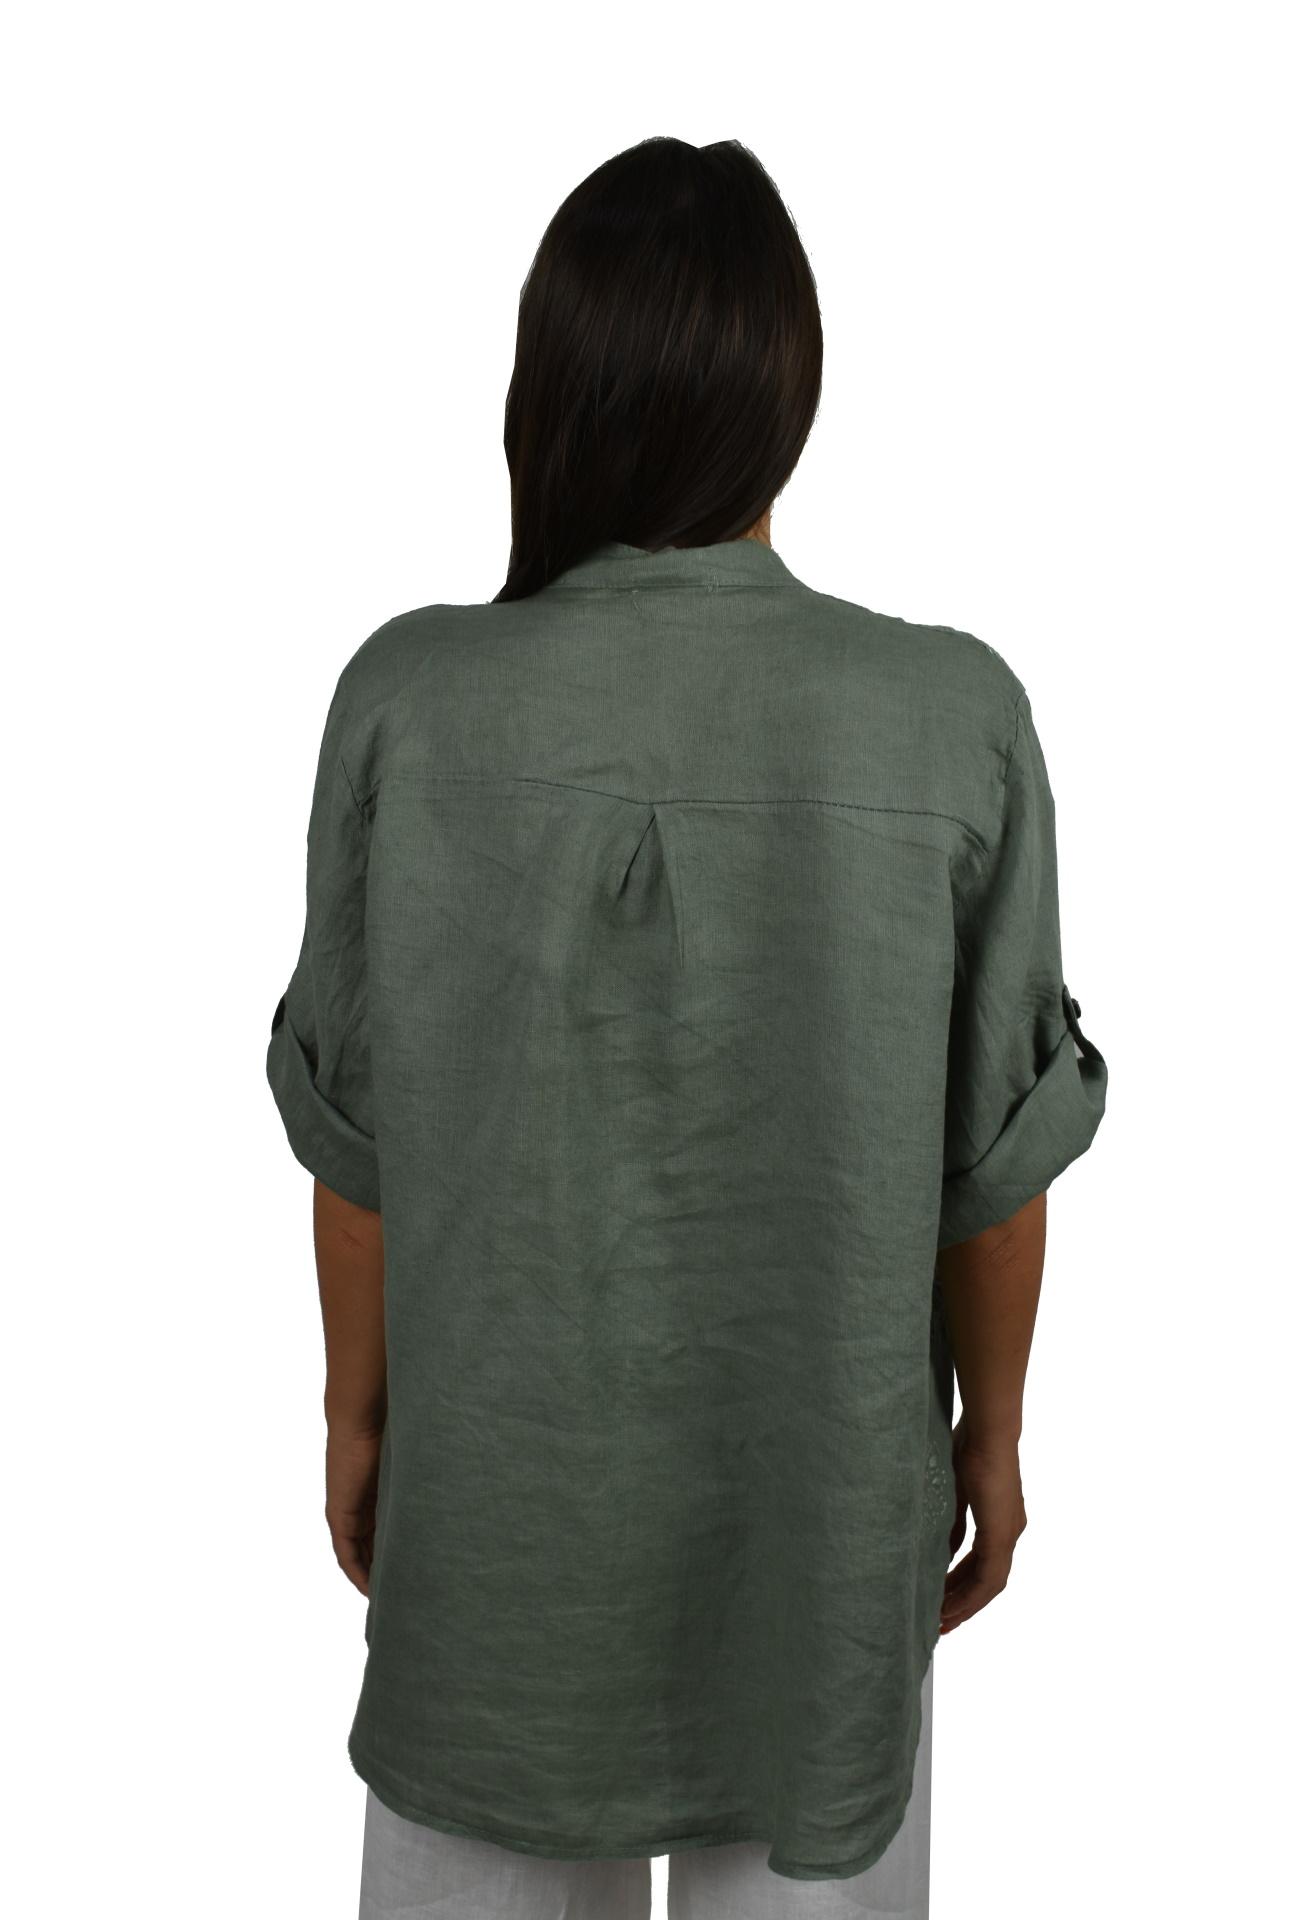 CAMMAXPE2102 ARMY CAMICIA DA DONNA MANICA 34 100 LINO 1 1stAmerican camicia manica 3/4 da donna 100% lino Made in Italy - vestito collo a y da spiaggia donna